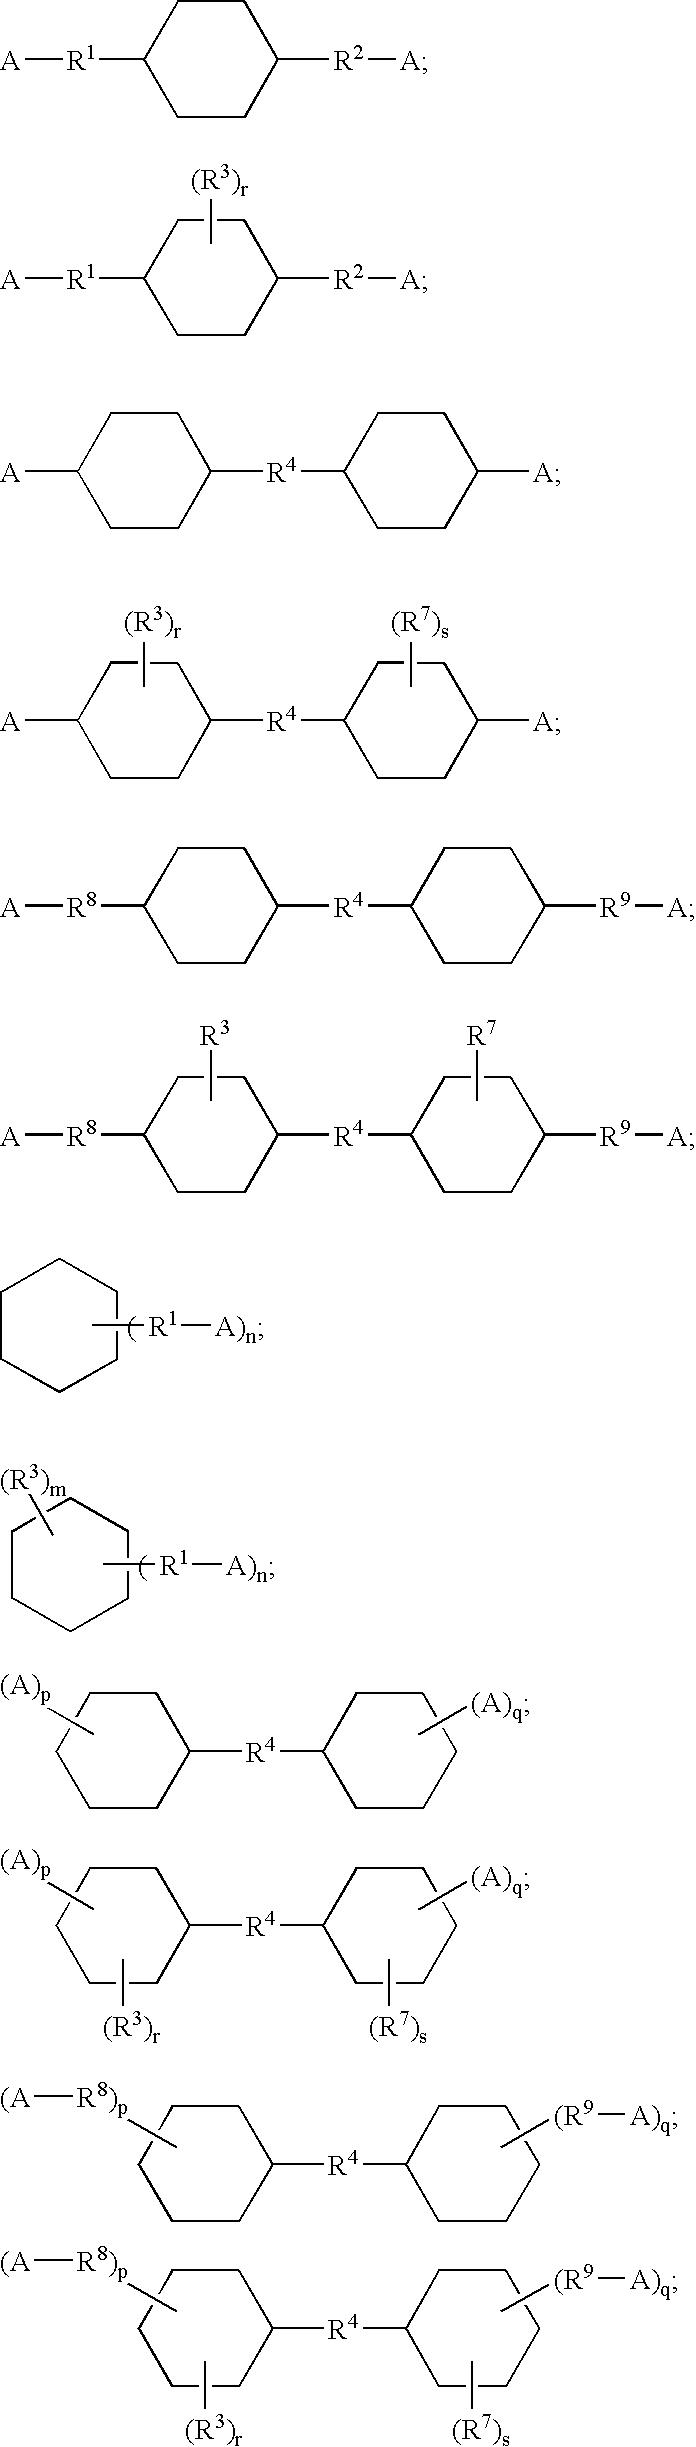 Figure US20030236388A1-20031225-C00003